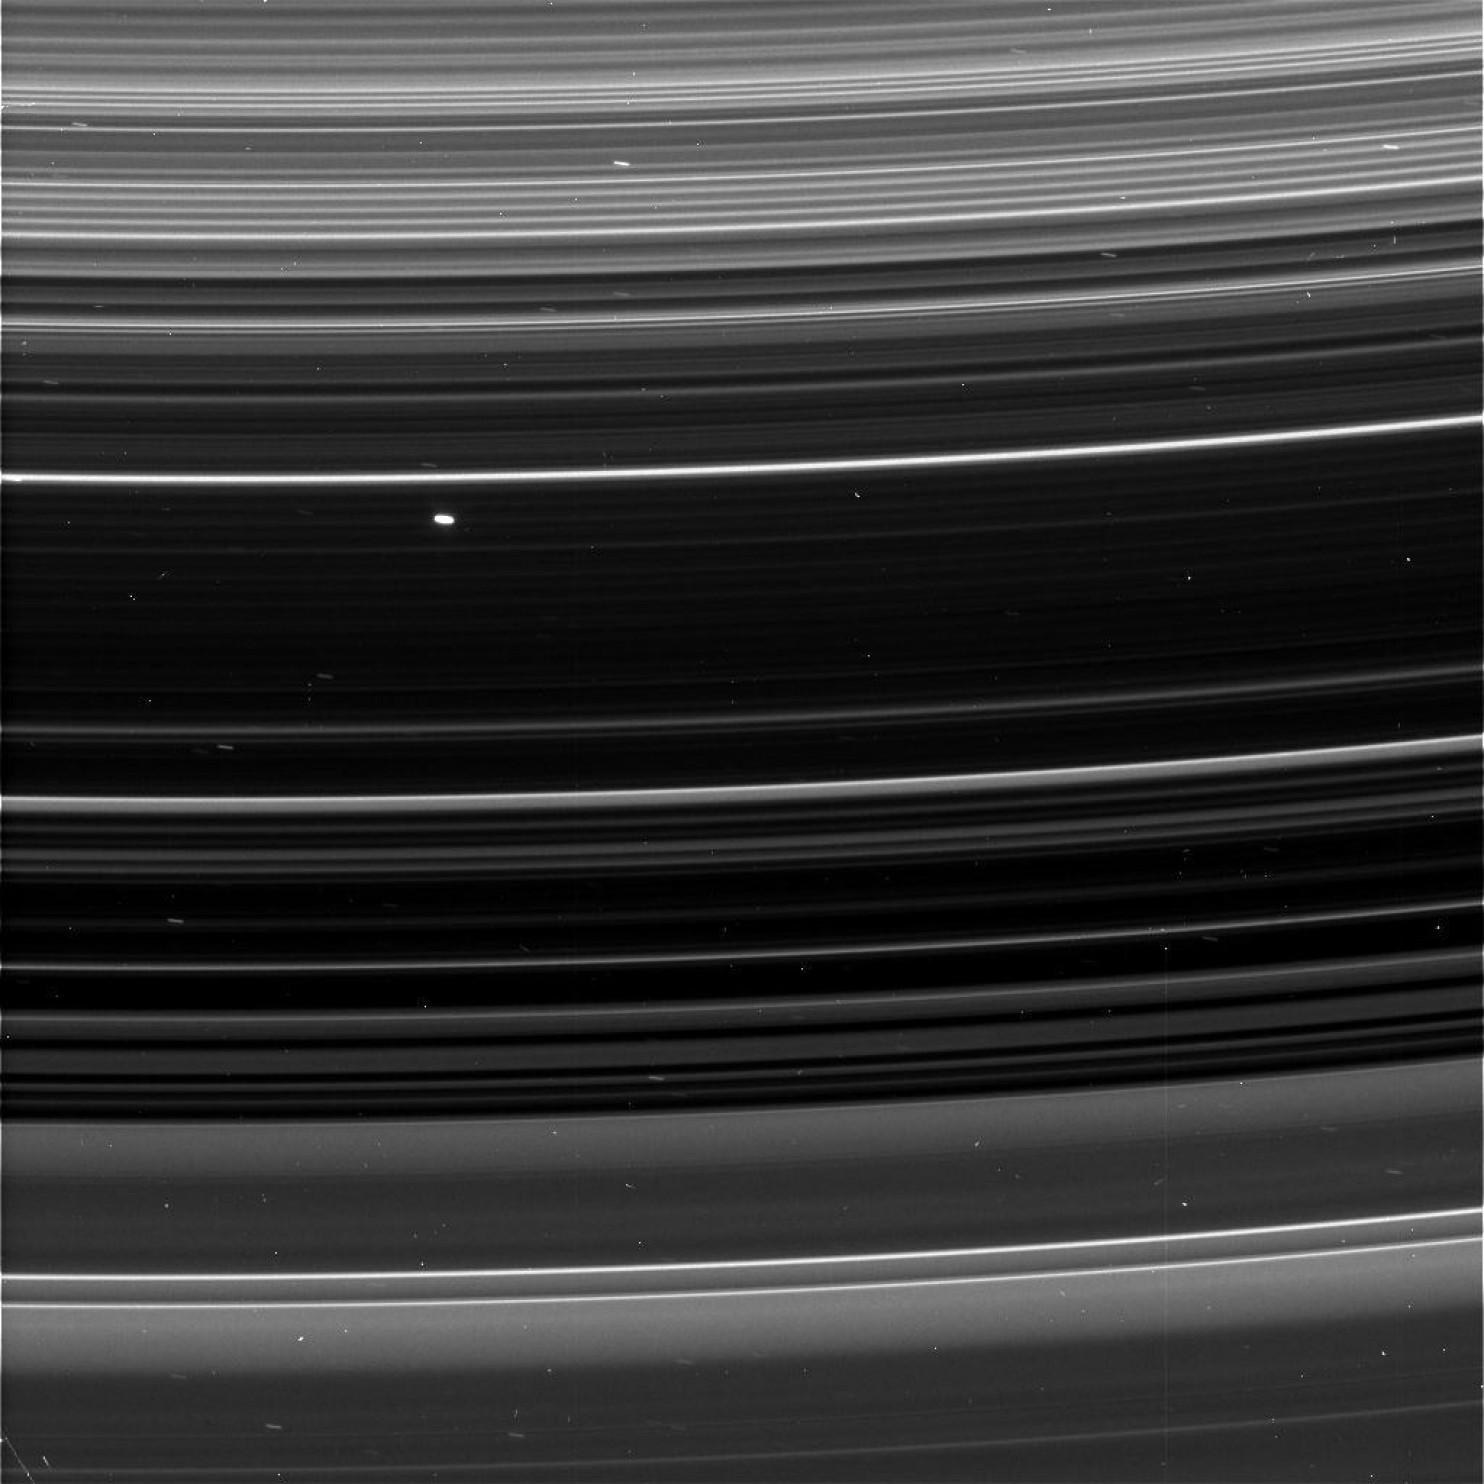 Los anillos de Saturno.